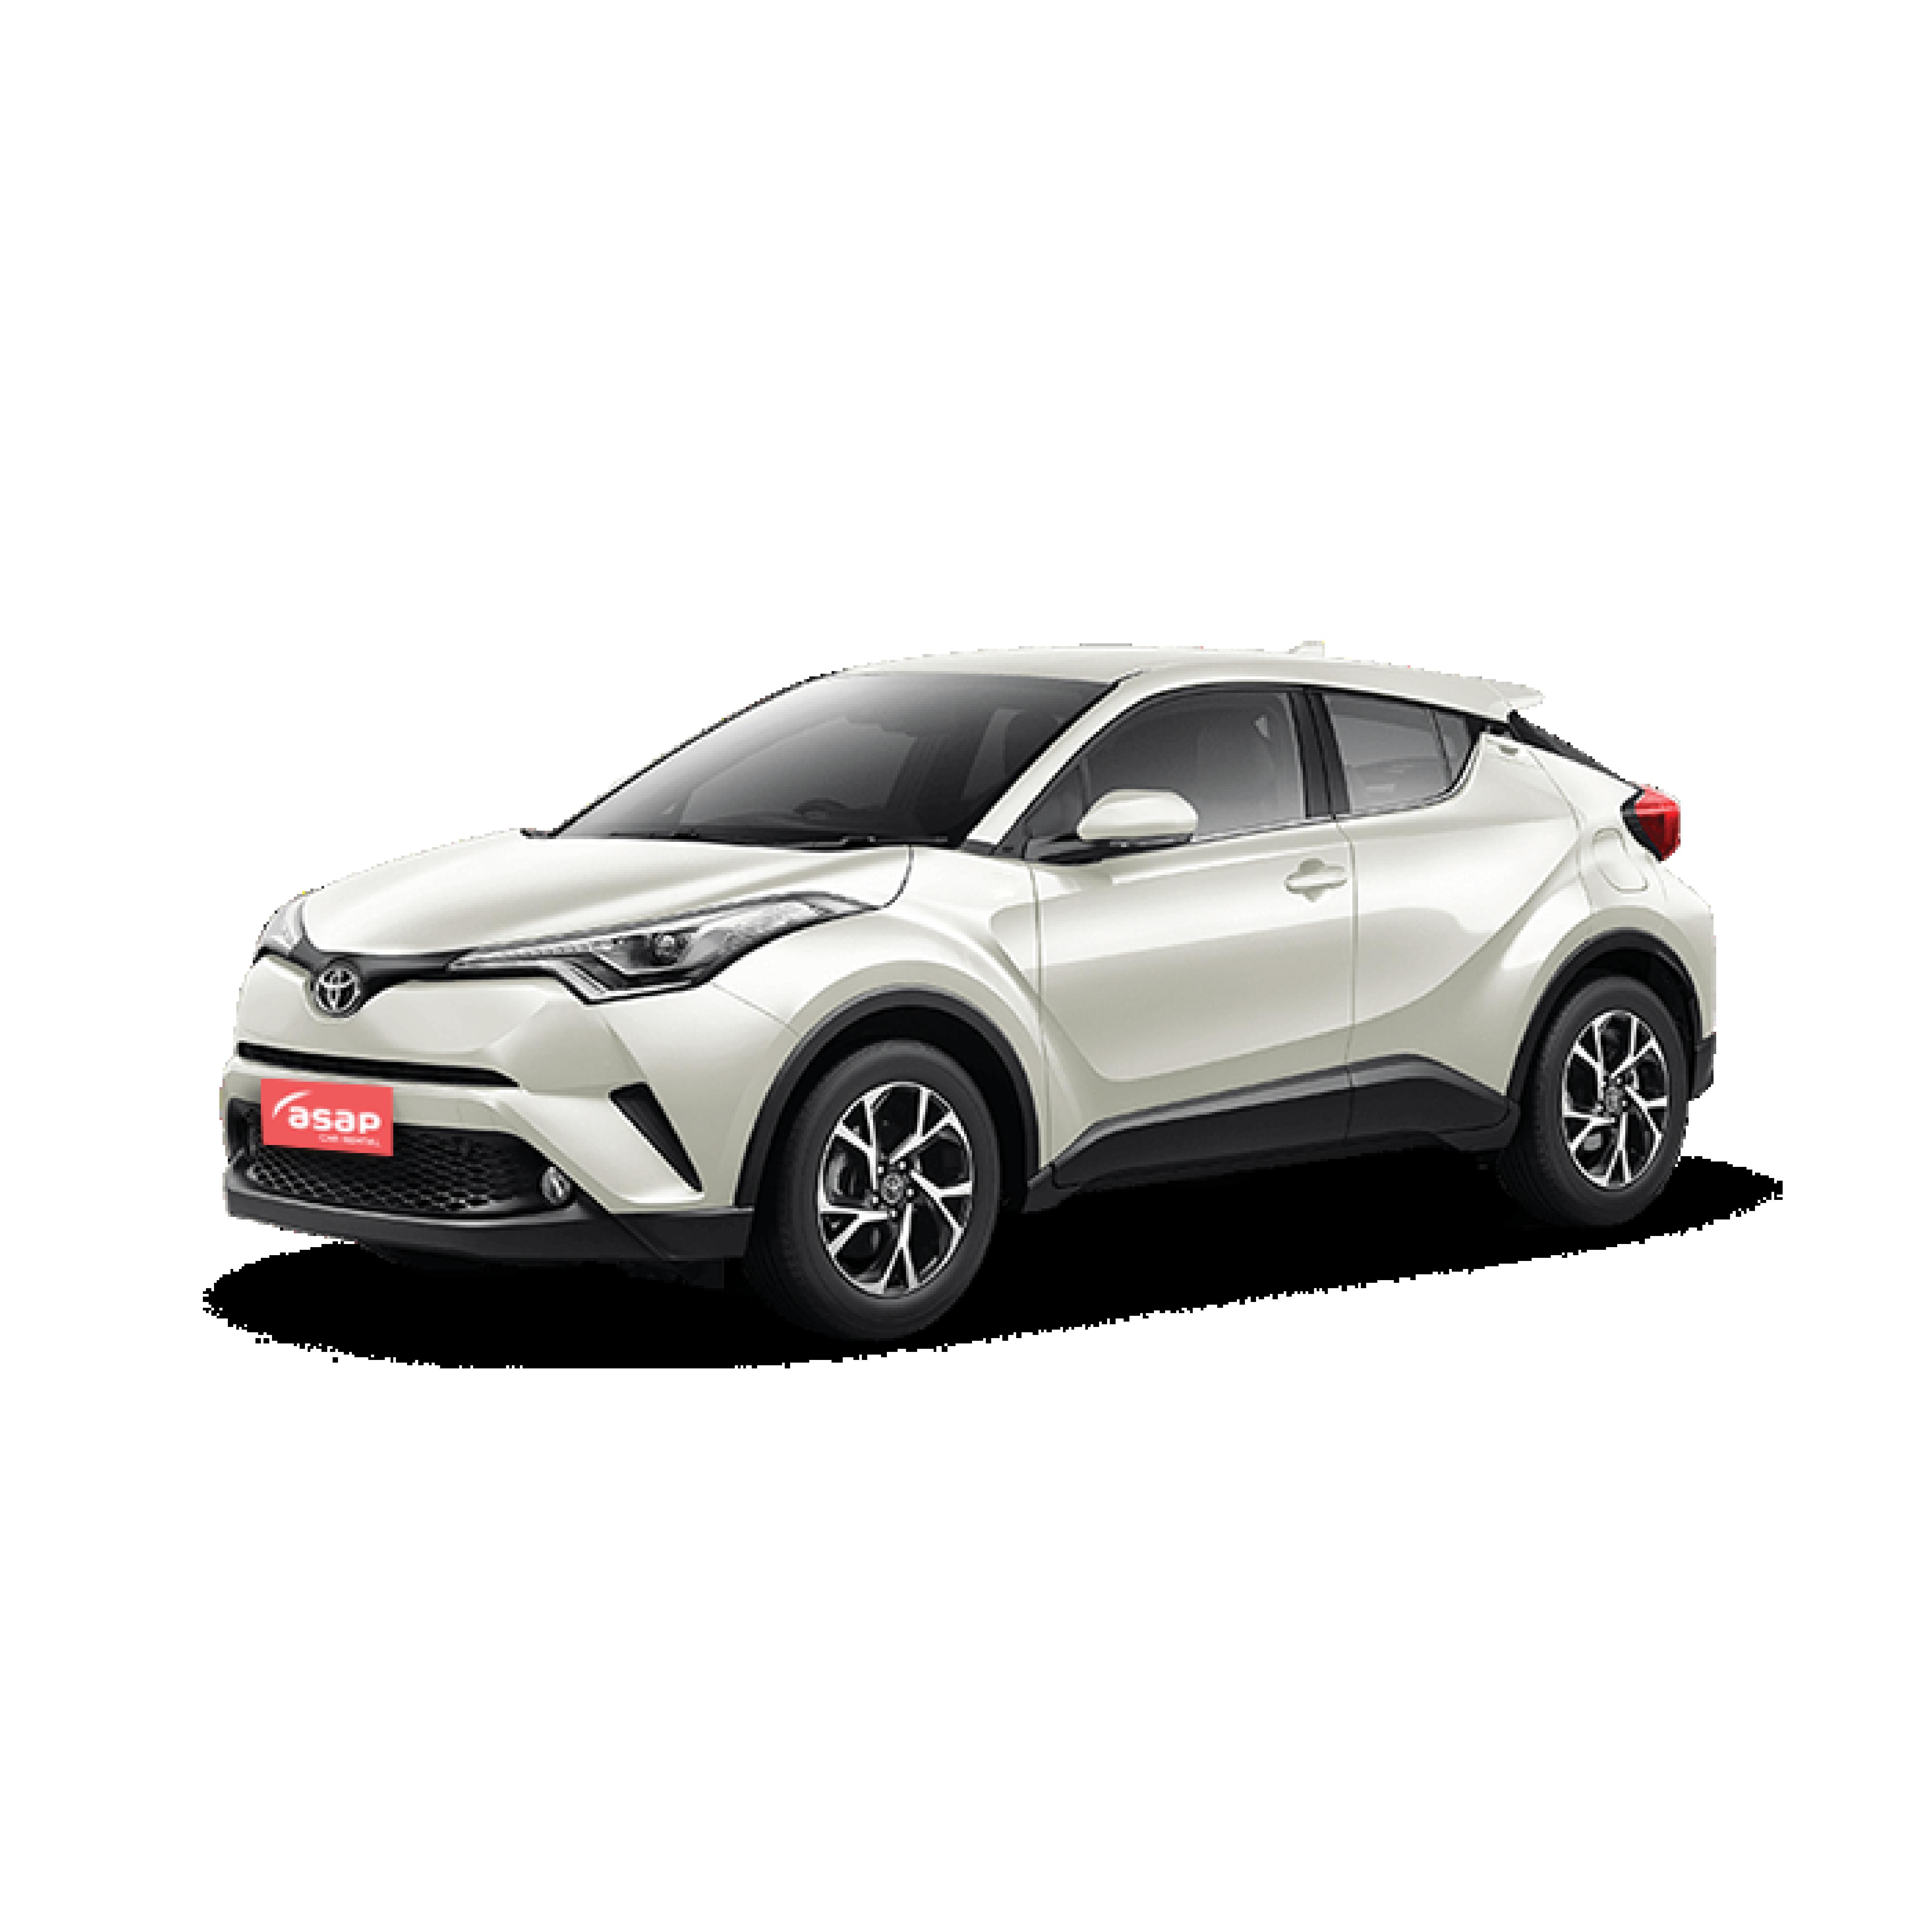 Toyota CH-R Benzine or similar